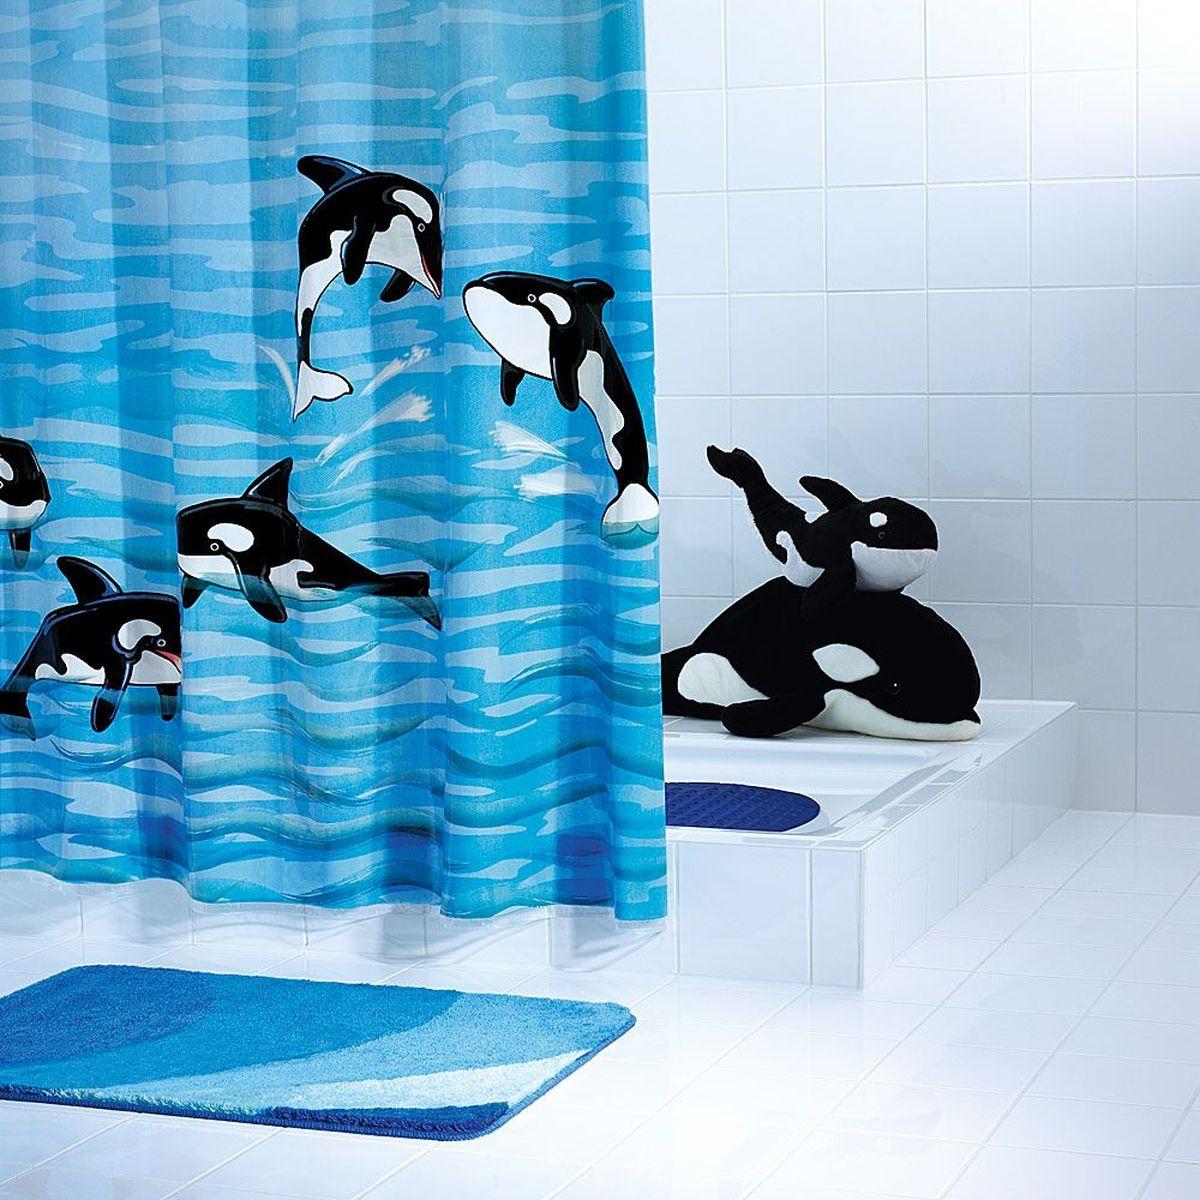 Штора для ванной комнаты Ridder Orka, 180 х 200 см шторы для ванной ridder штора для ванных комнат fleur оранжевый 180 200